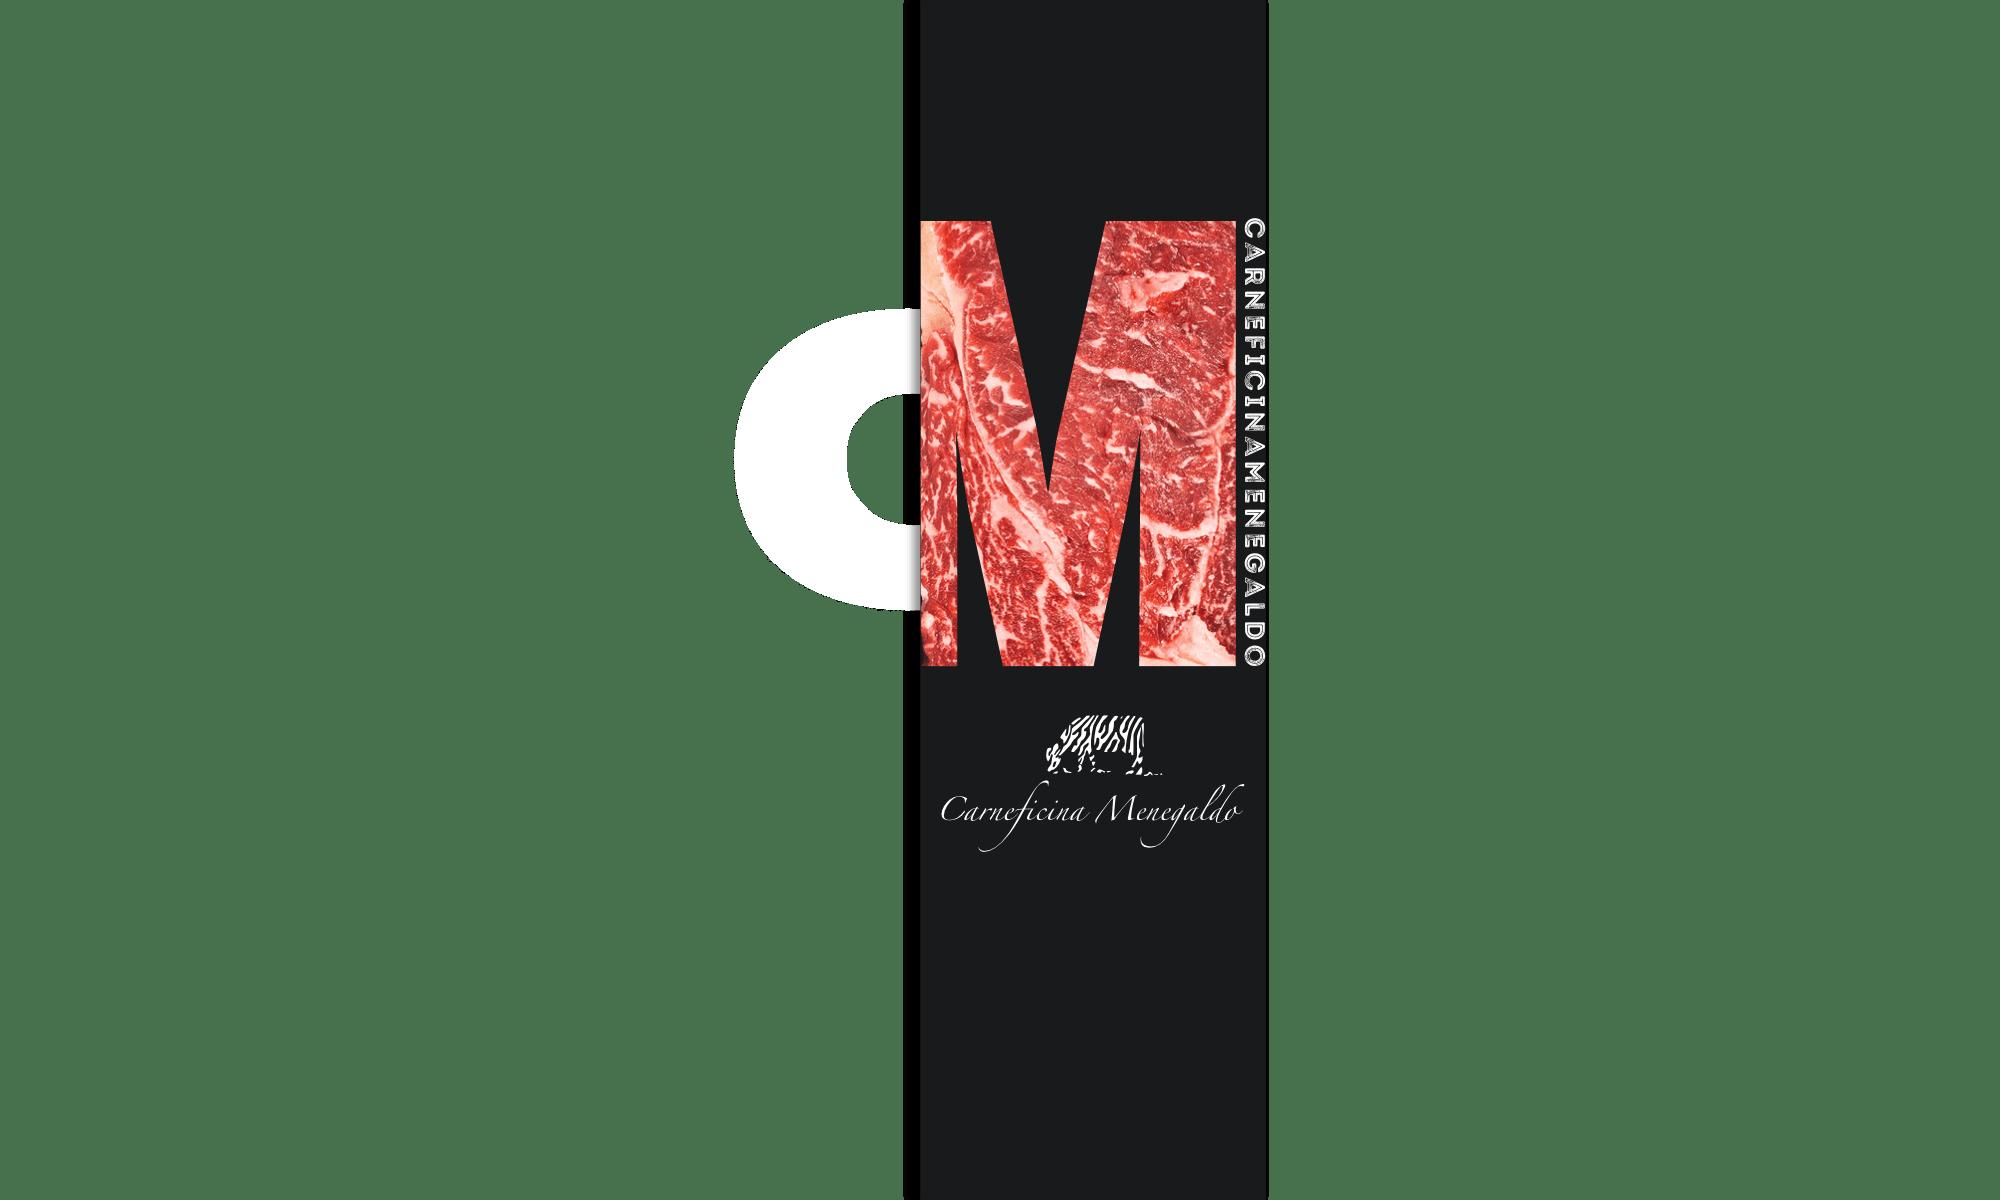 Carneficina Menegaldo